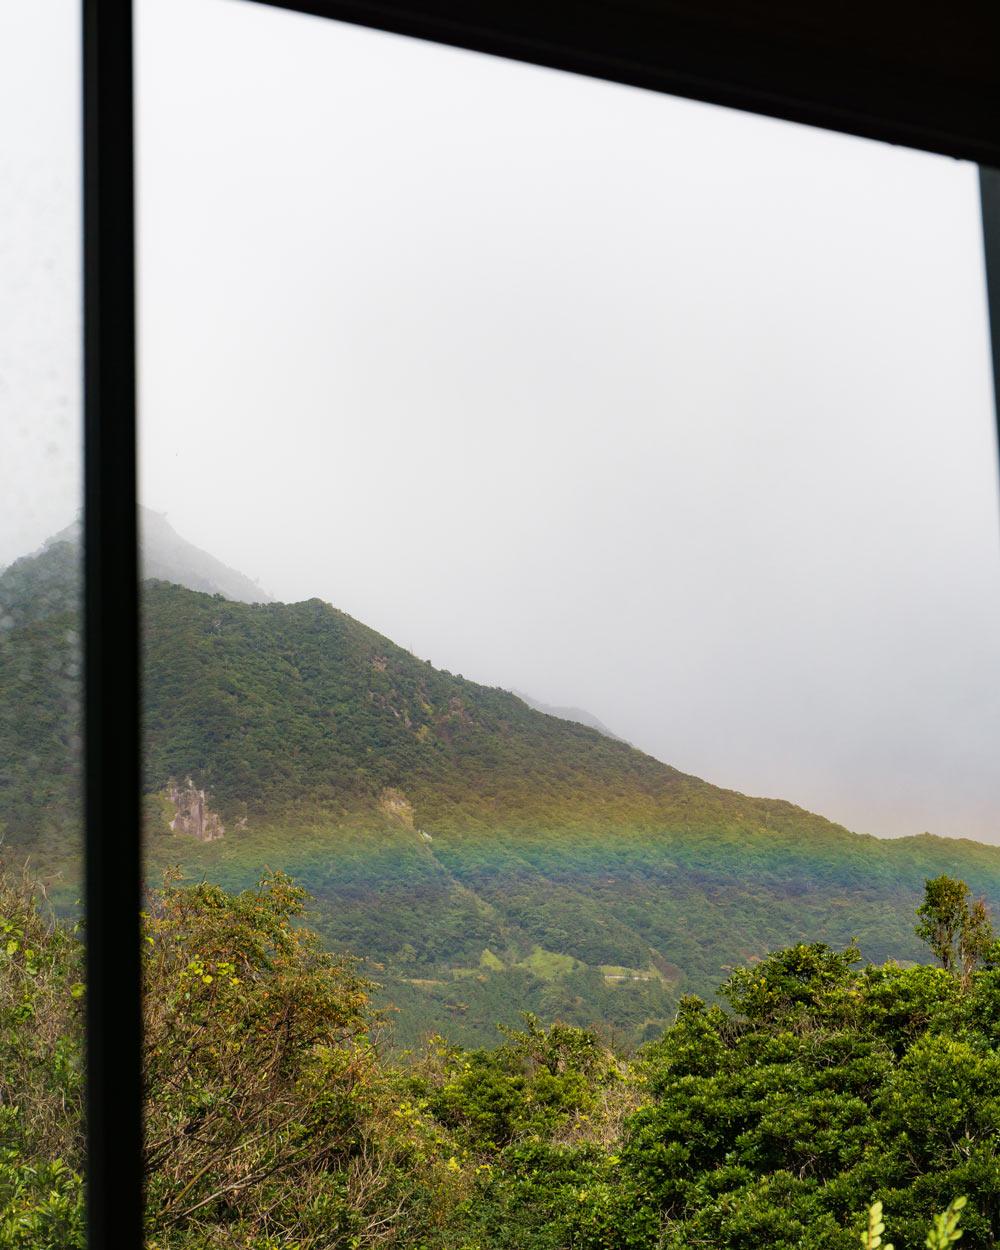 アトリエの窓 虹 屋久島の山々 ジュエリーと屋久島の暮らし